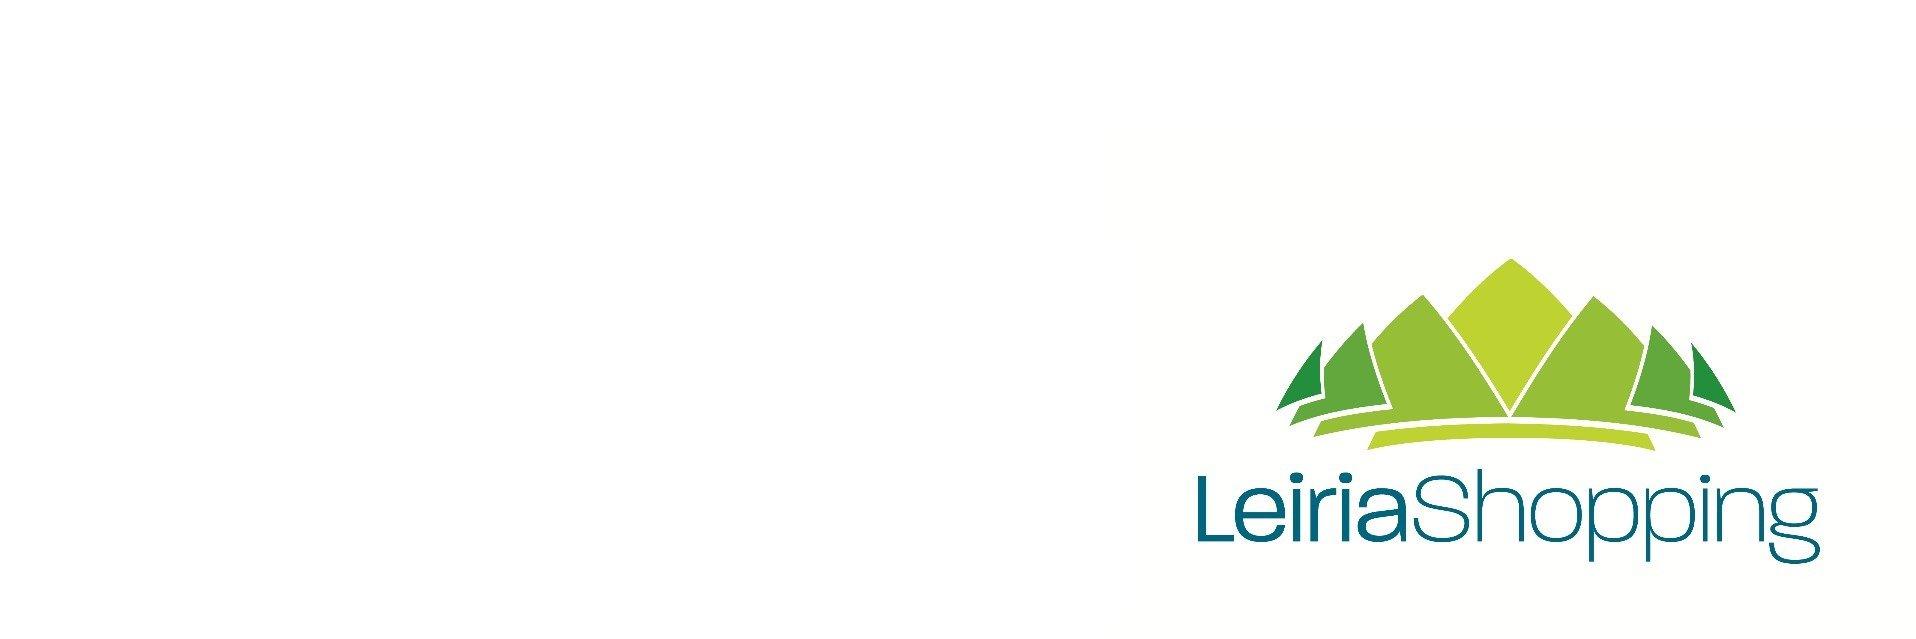 LeiriaShopping mantém-se aberto, com atividades essenciais em funcionamento